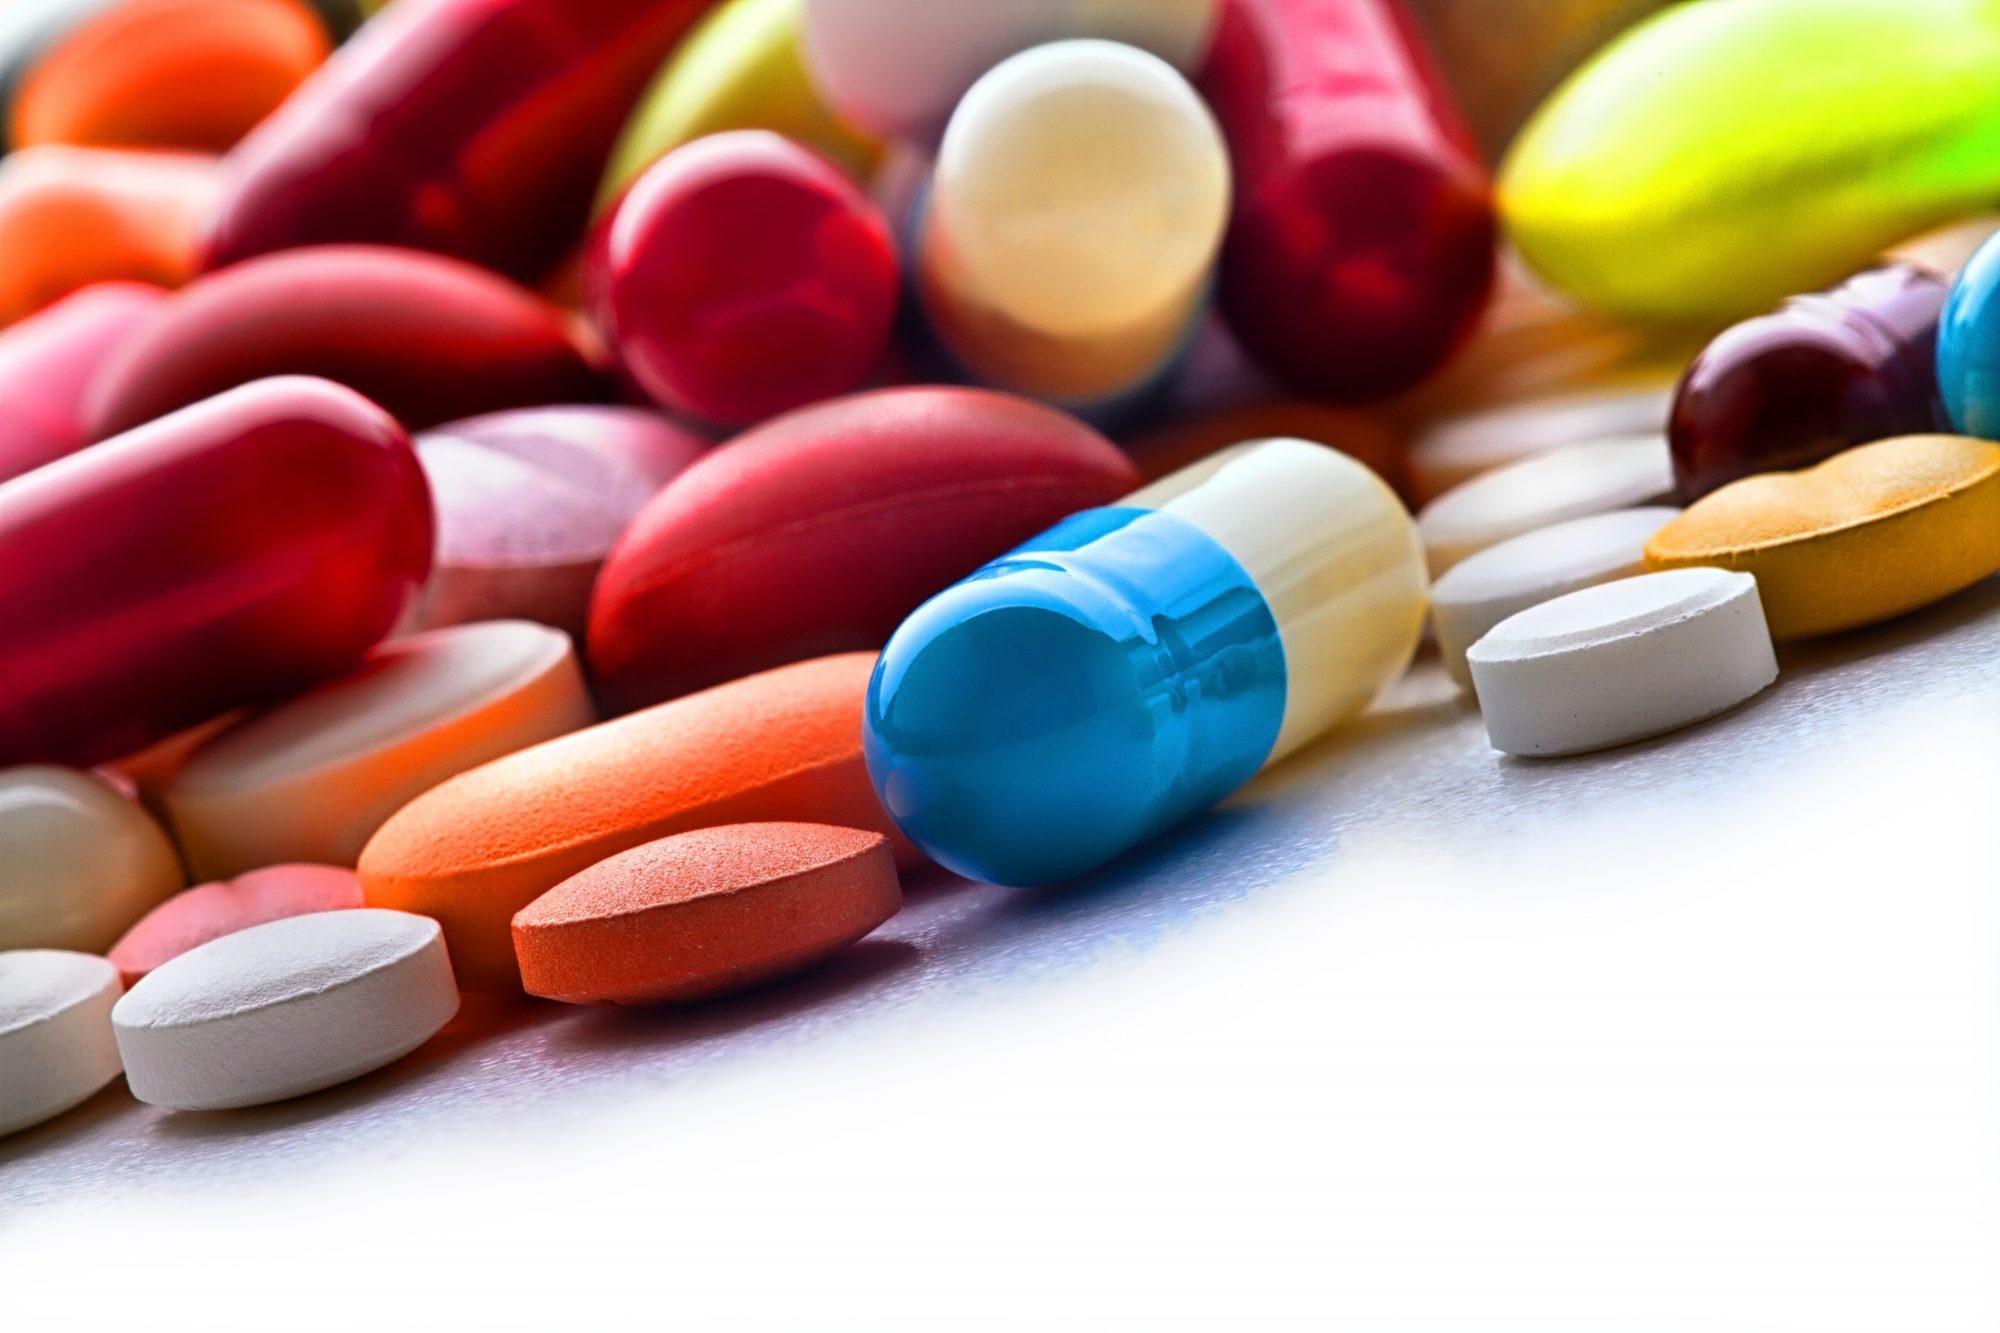 Global Fragment-based Drug Discovery Market